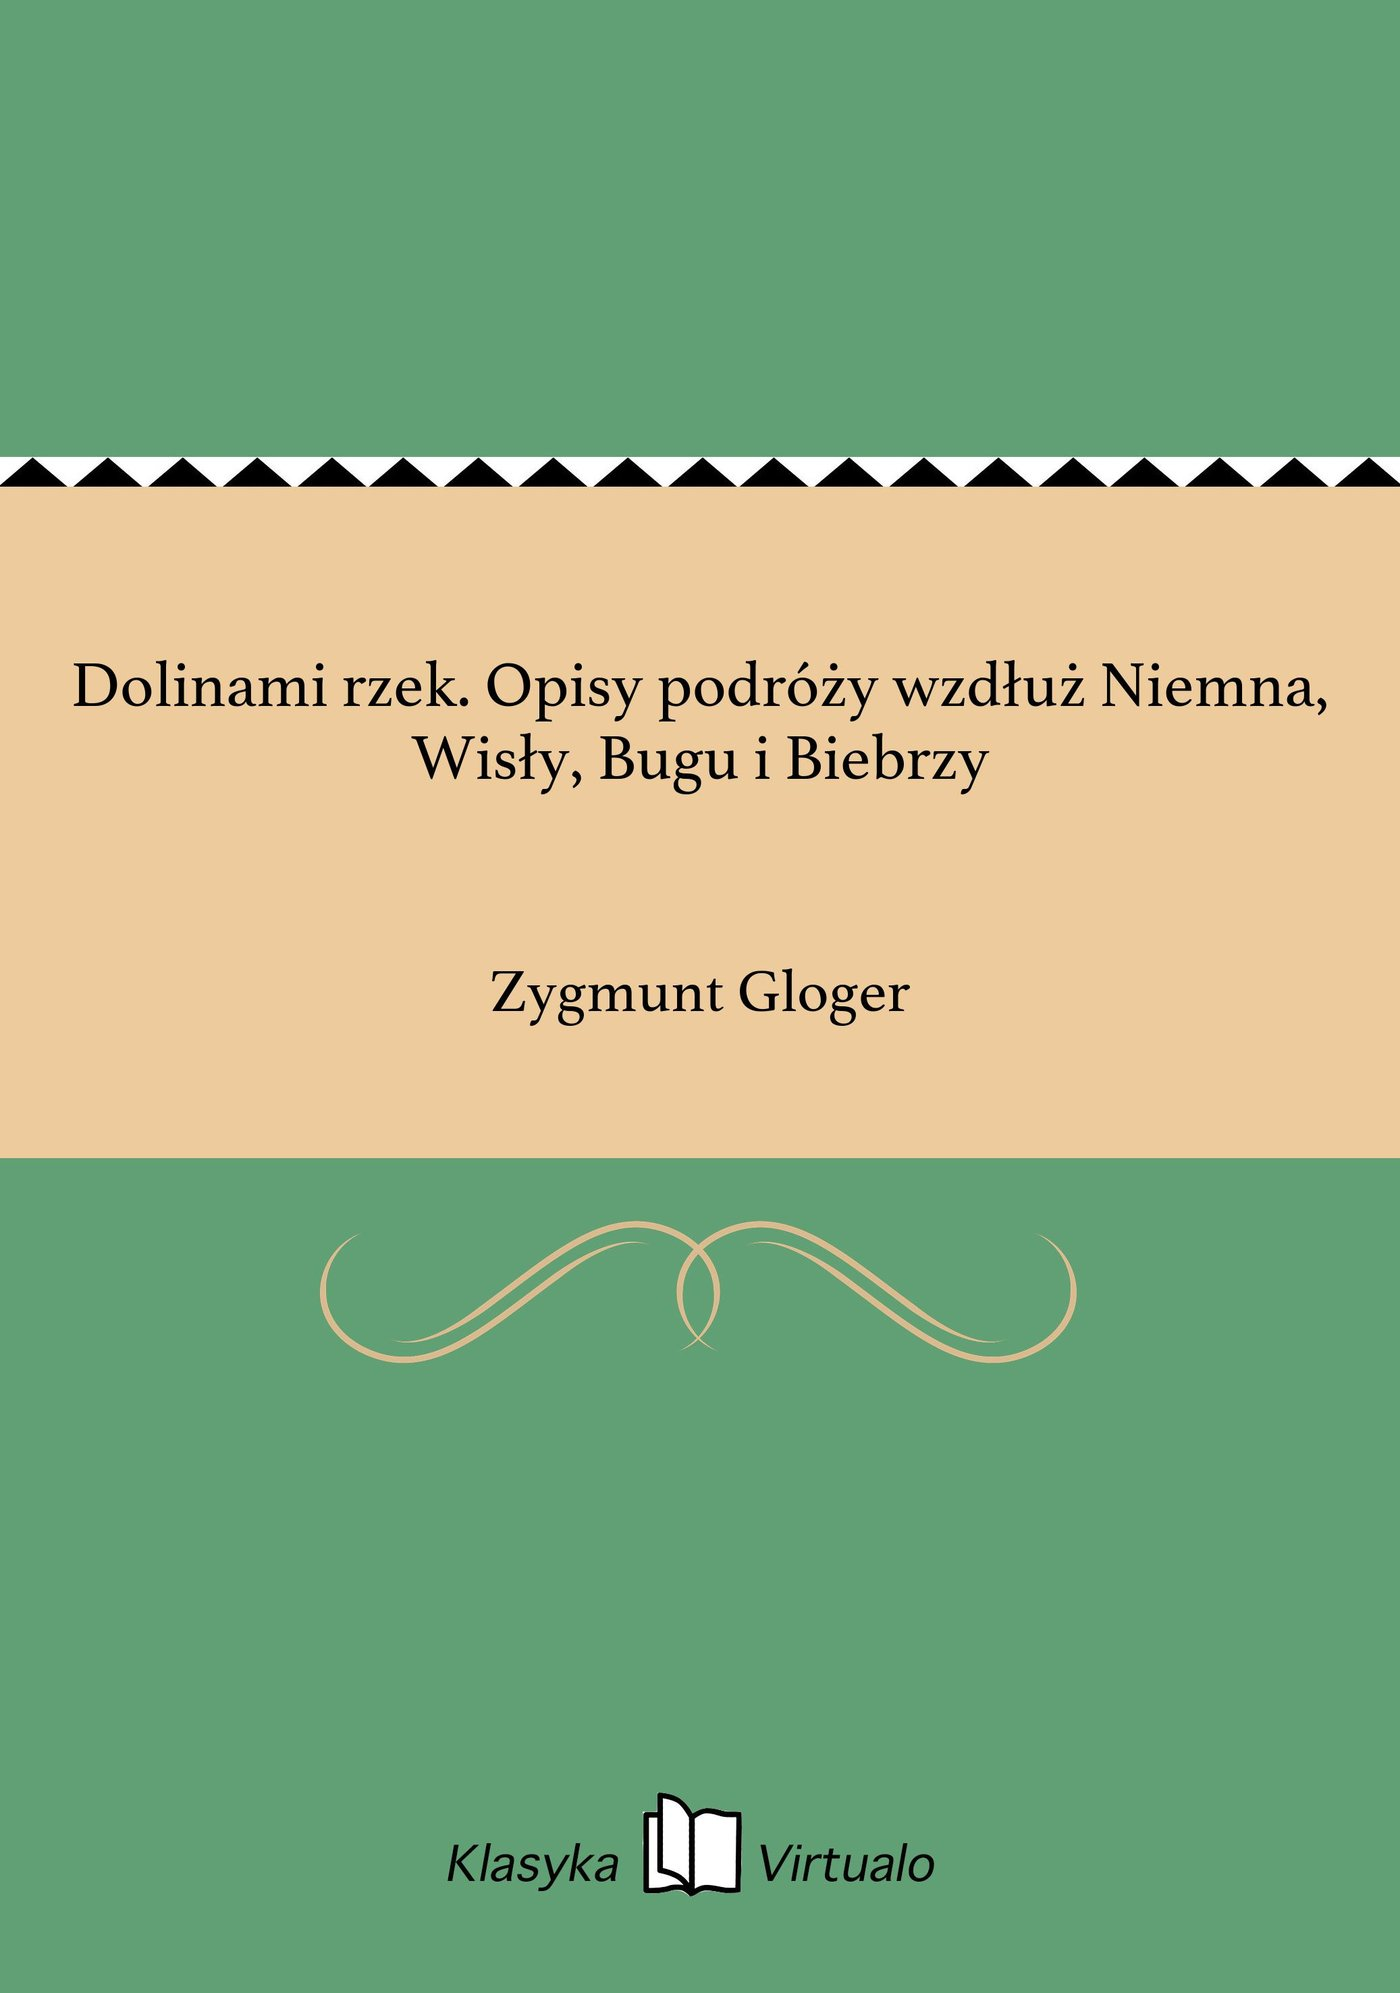 Dolinami rzek. Opisy podróży wzdłuż Niemna, Wisły, Bugu i Biebrzy - Ebook (Książka EPUB) do pobrania w formacie EPUB